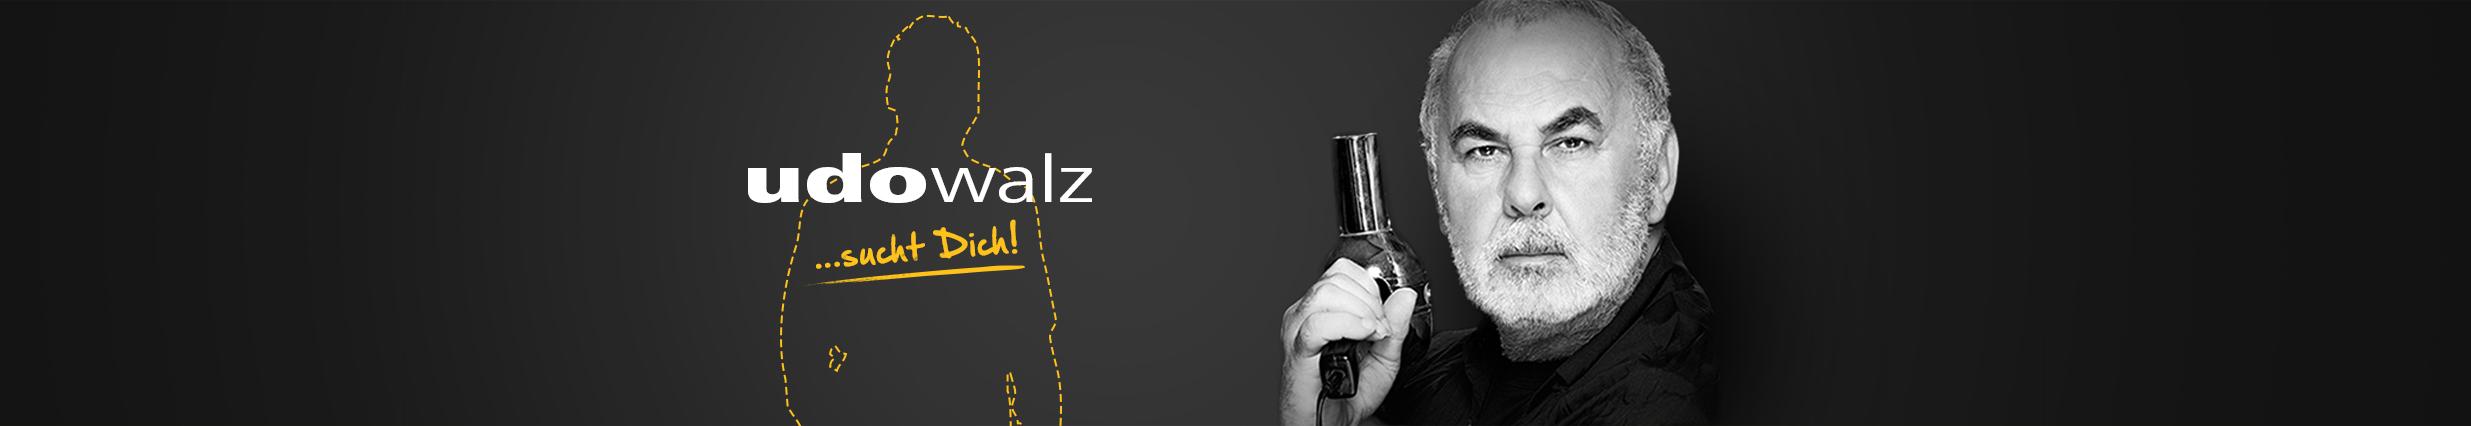 Udo Walz sucht Kollegen!